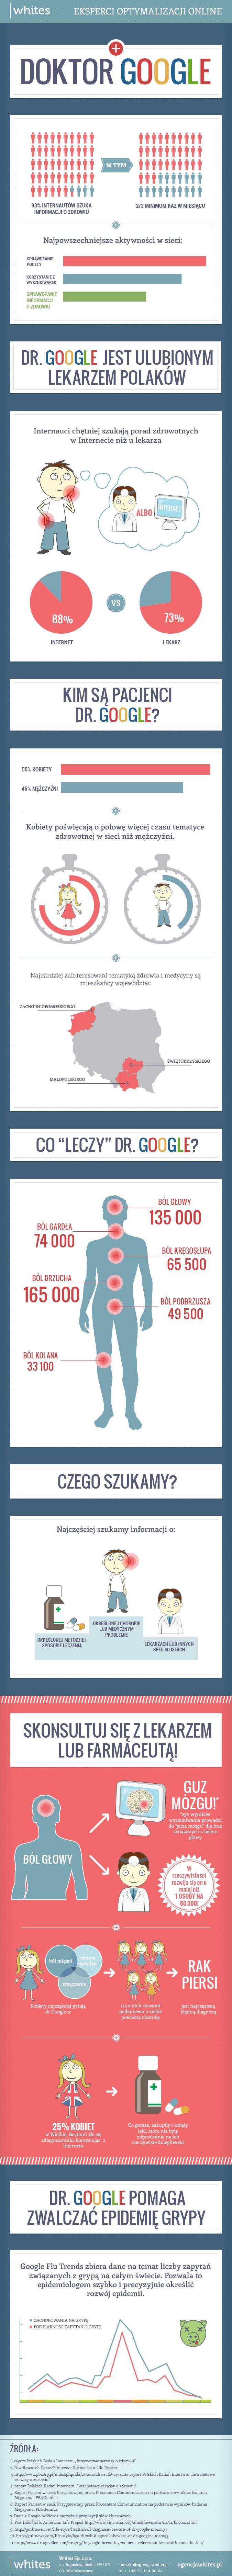 Doktor Google #infografika #preser #google